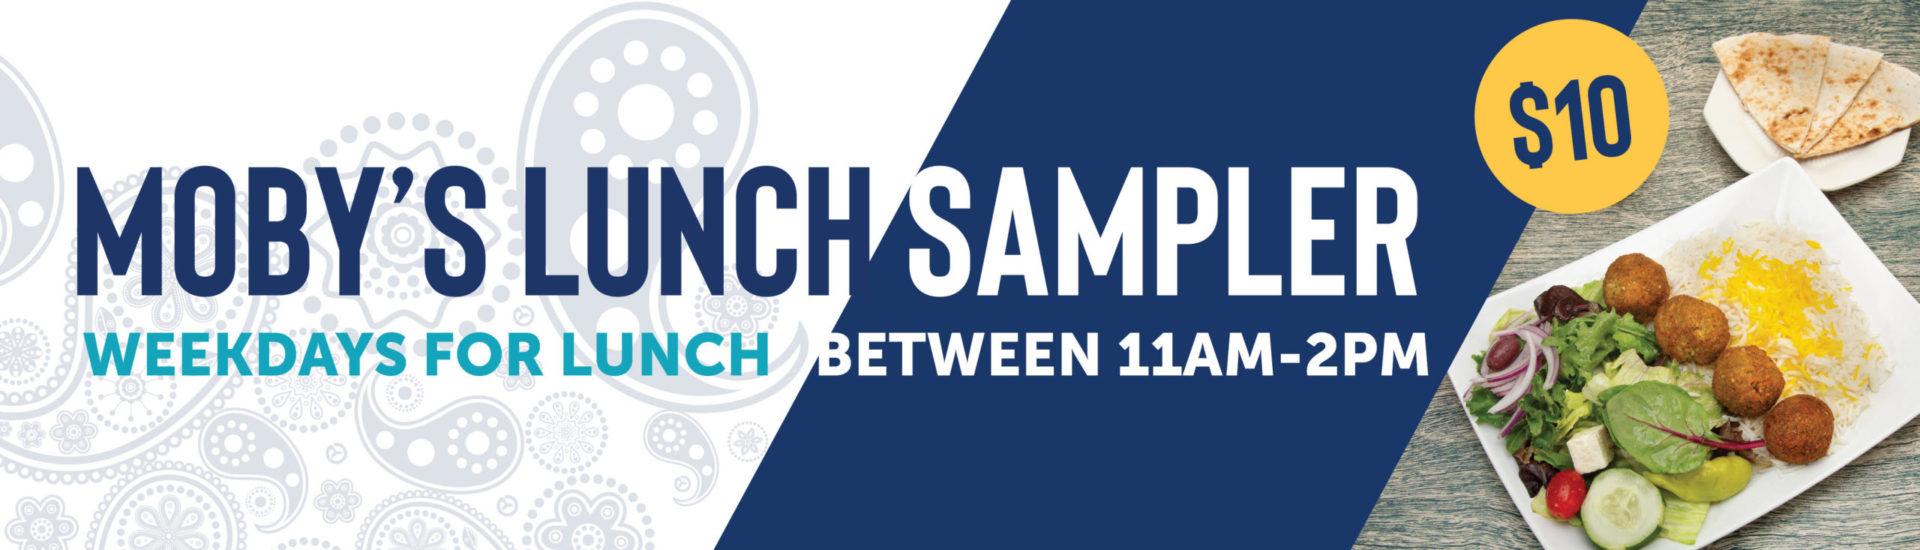 Lunch Sampler Special